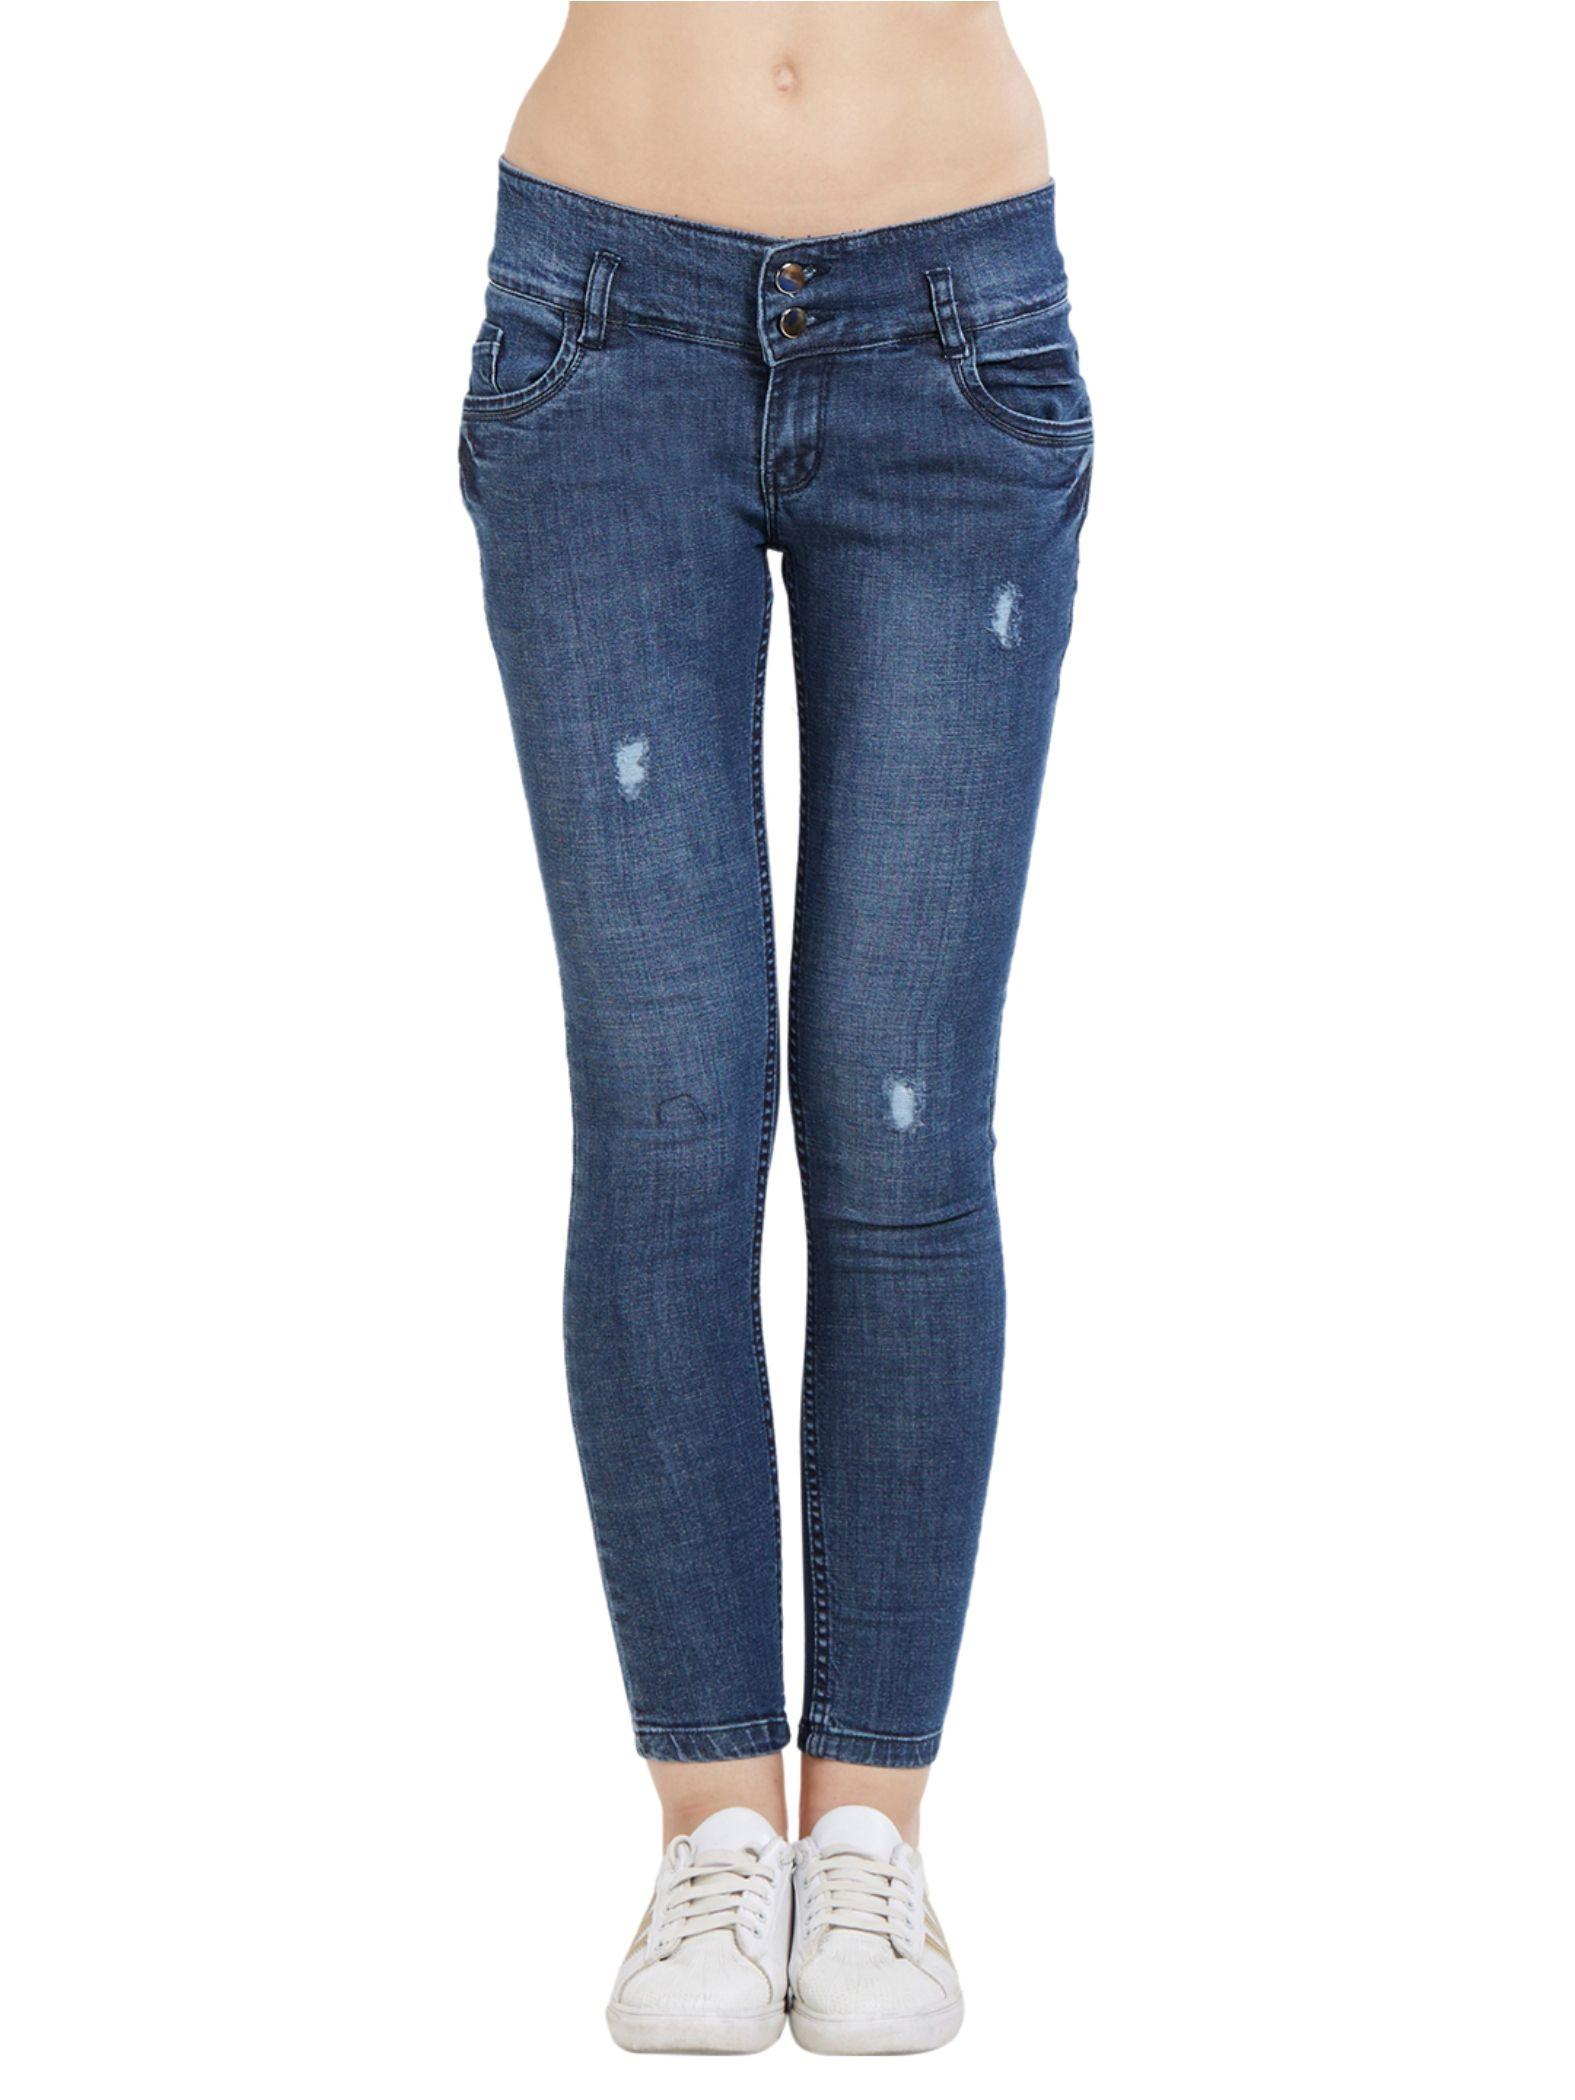 Blancz Cotton Jeans - Blue